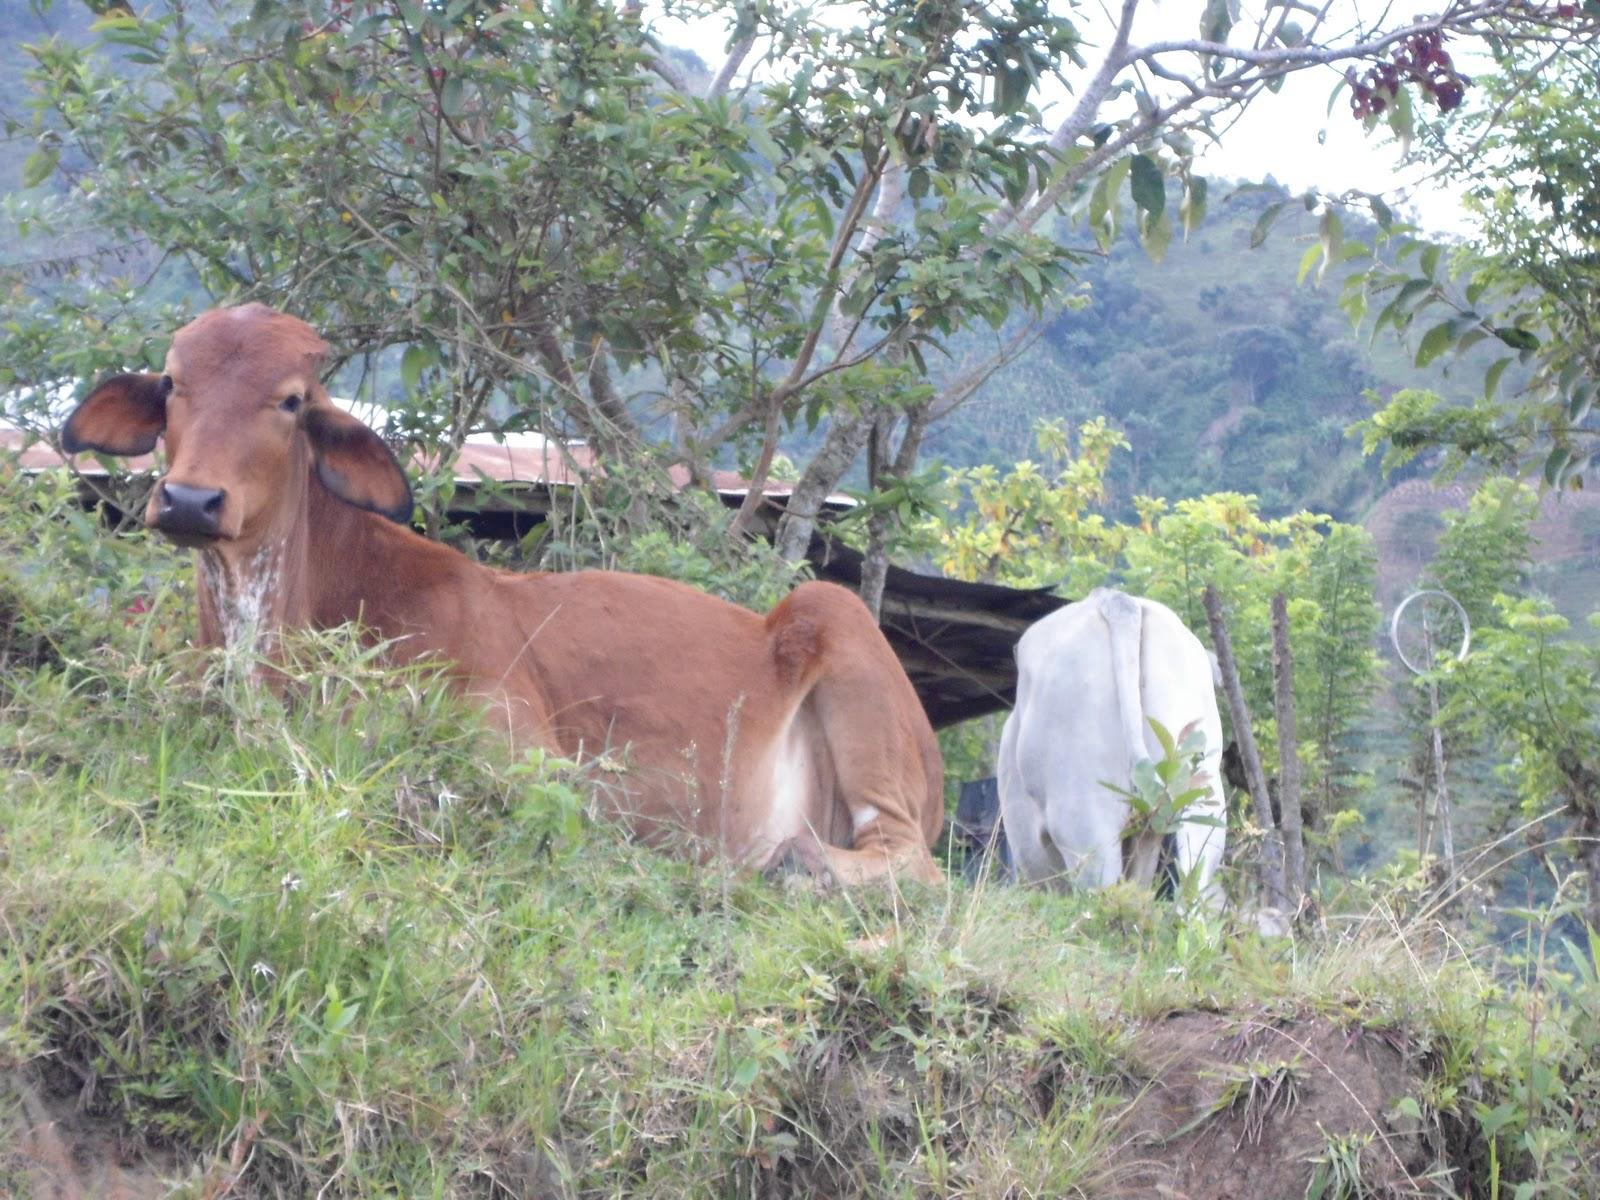 Sabanalarga antioquia colombia usos del suelo for 4 usos del suelo en colombia